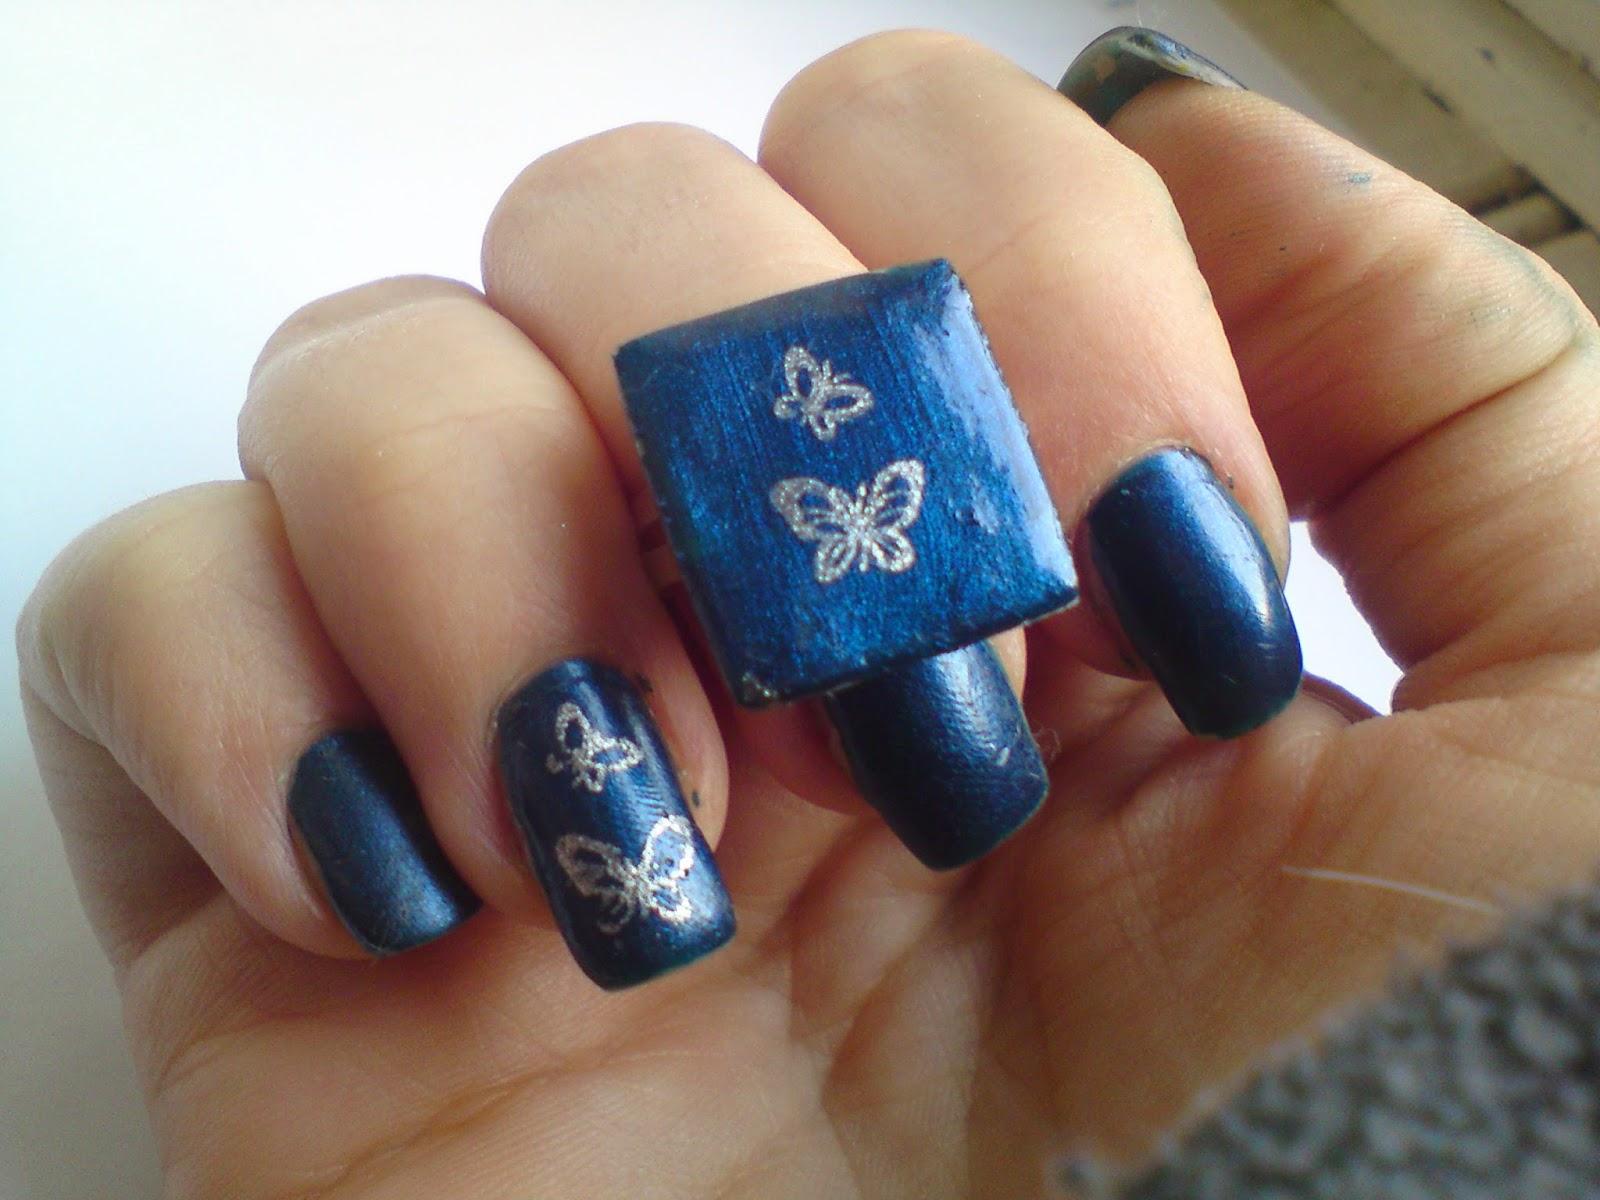 http://lunalithe.blogspot.fr/2012/10/bague-en-gel-uv-papillons-bleus.html